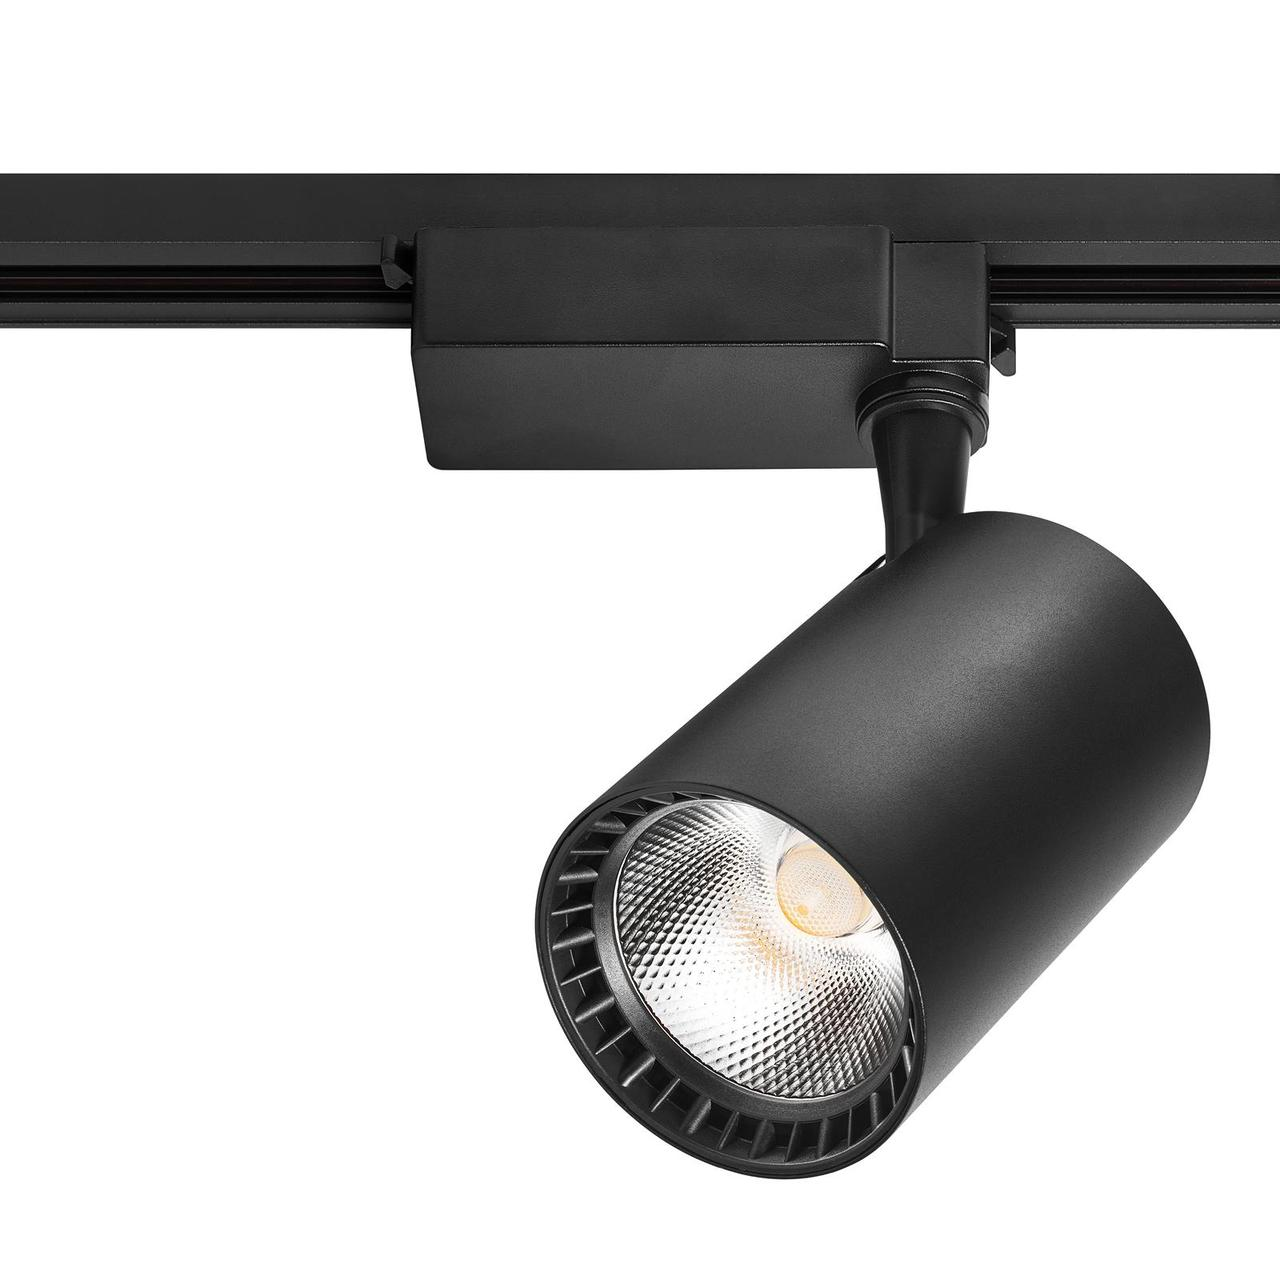 Лед прожектор трековый DELUX TL07 30 Вт  36°  4000K  черный